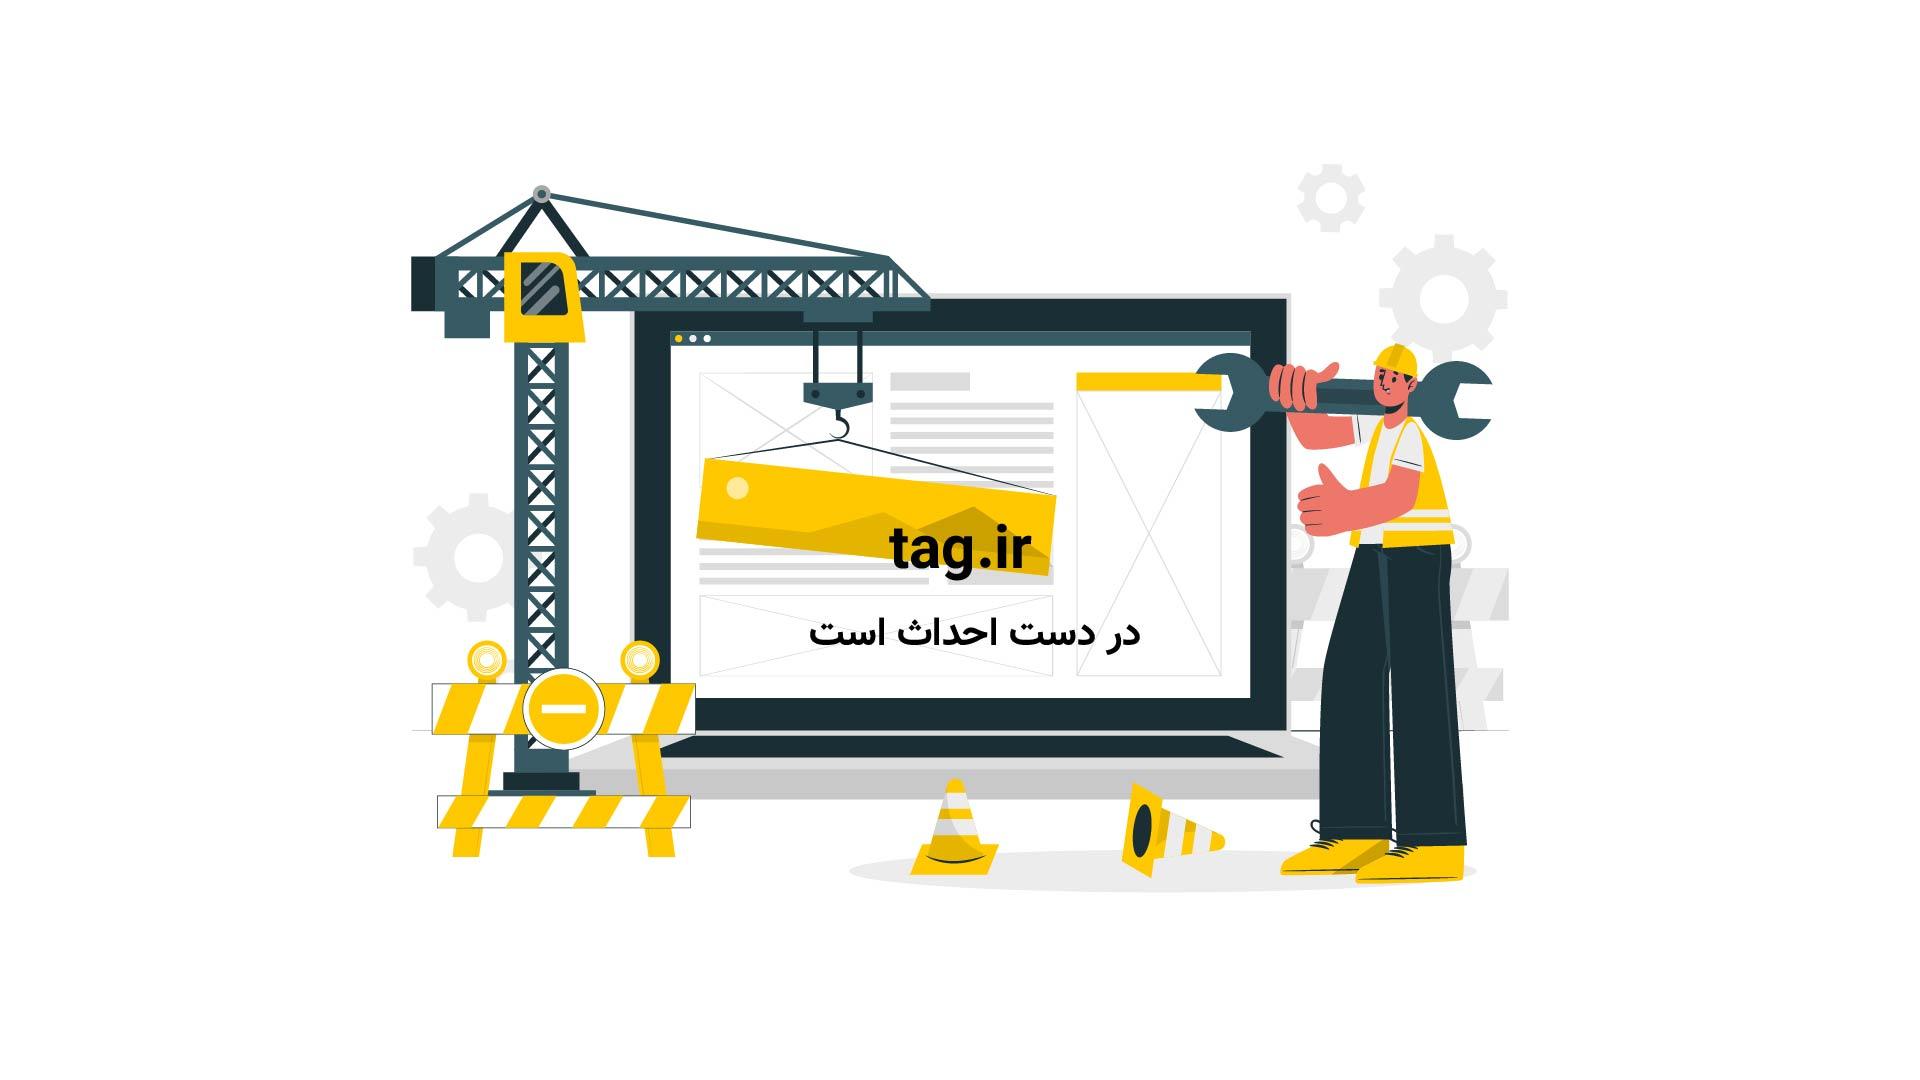 کارکارادونتوسوروس دایناسوری درنده و گوشتخوار | فیلم